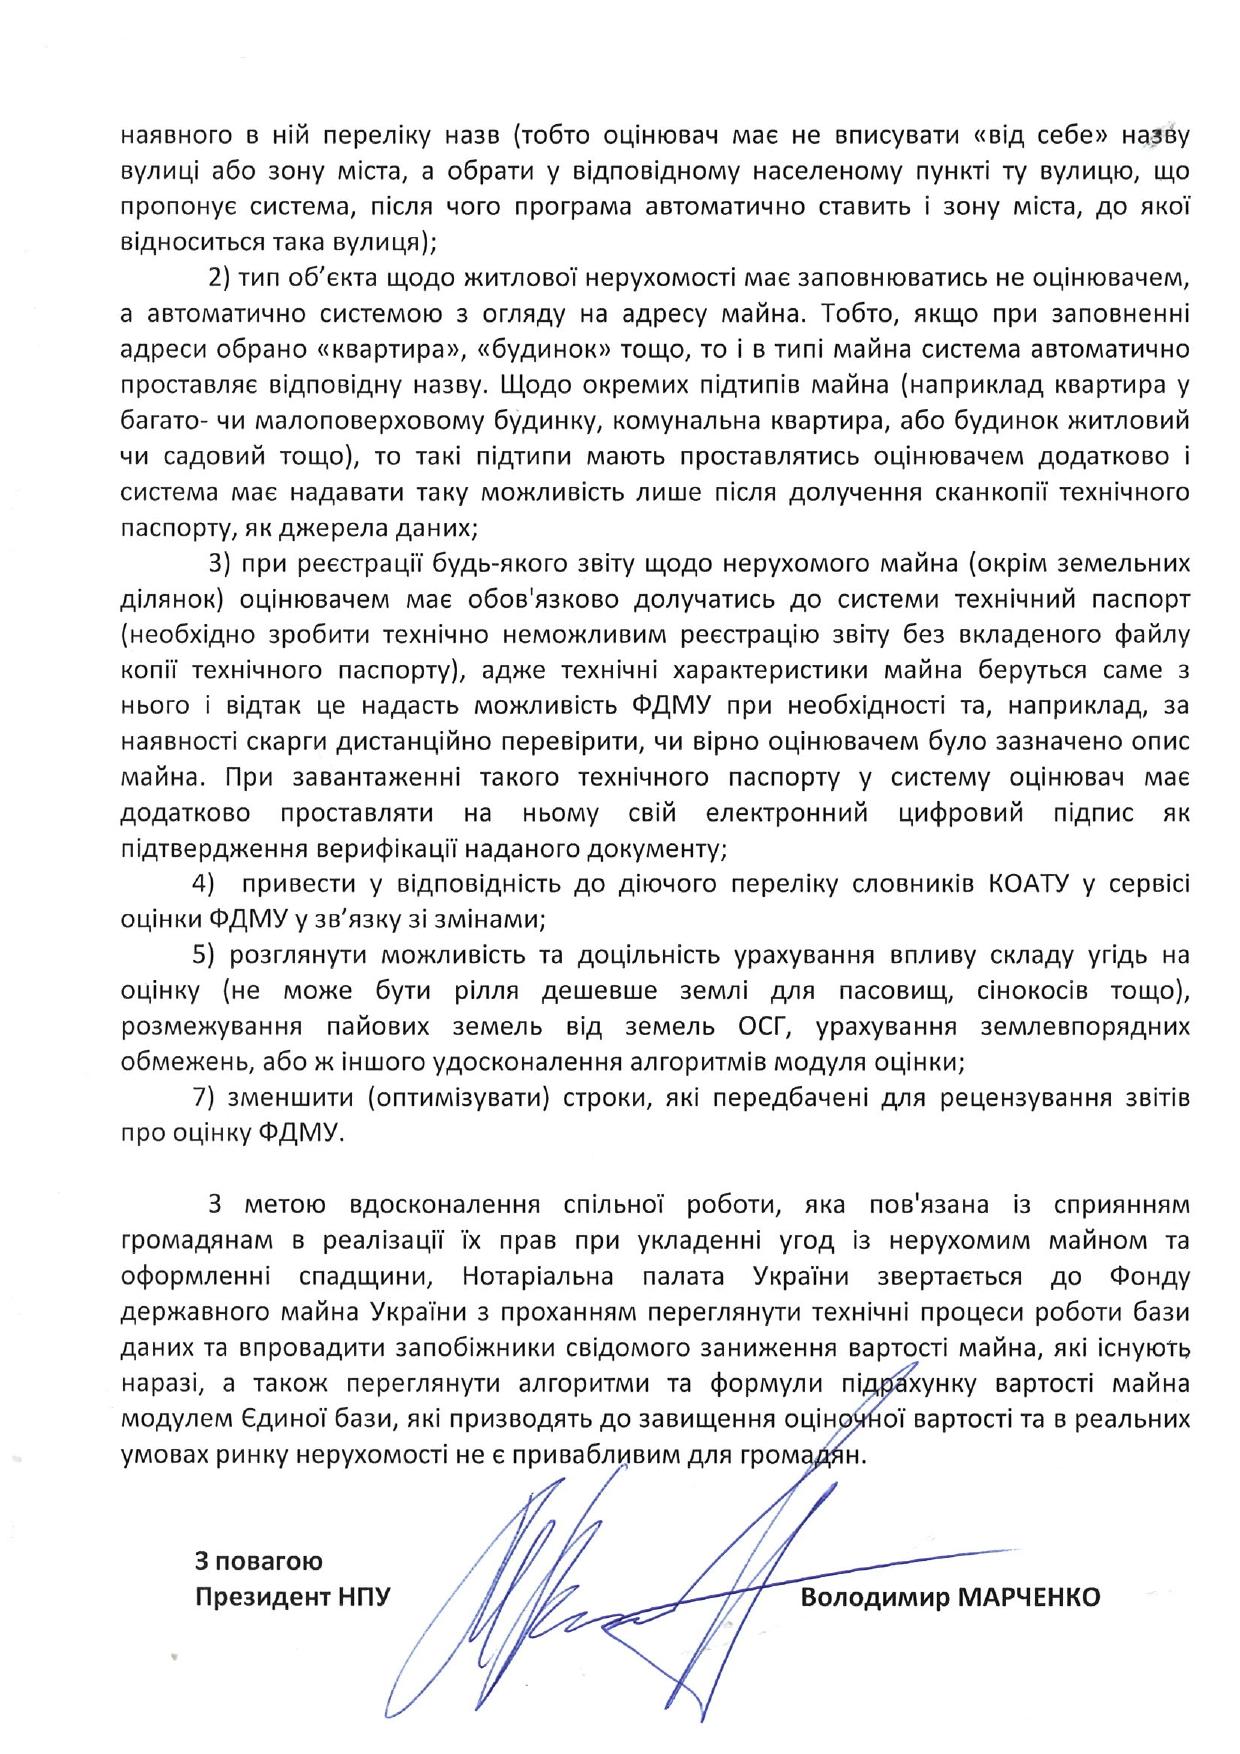 """Нотариальная палата Украины направило письмо в Фонд госимущества, в котором заявляет о """"""""недоразумениях"""" при распоряжении граждан недвижимостью и претензий к нотариусам"""